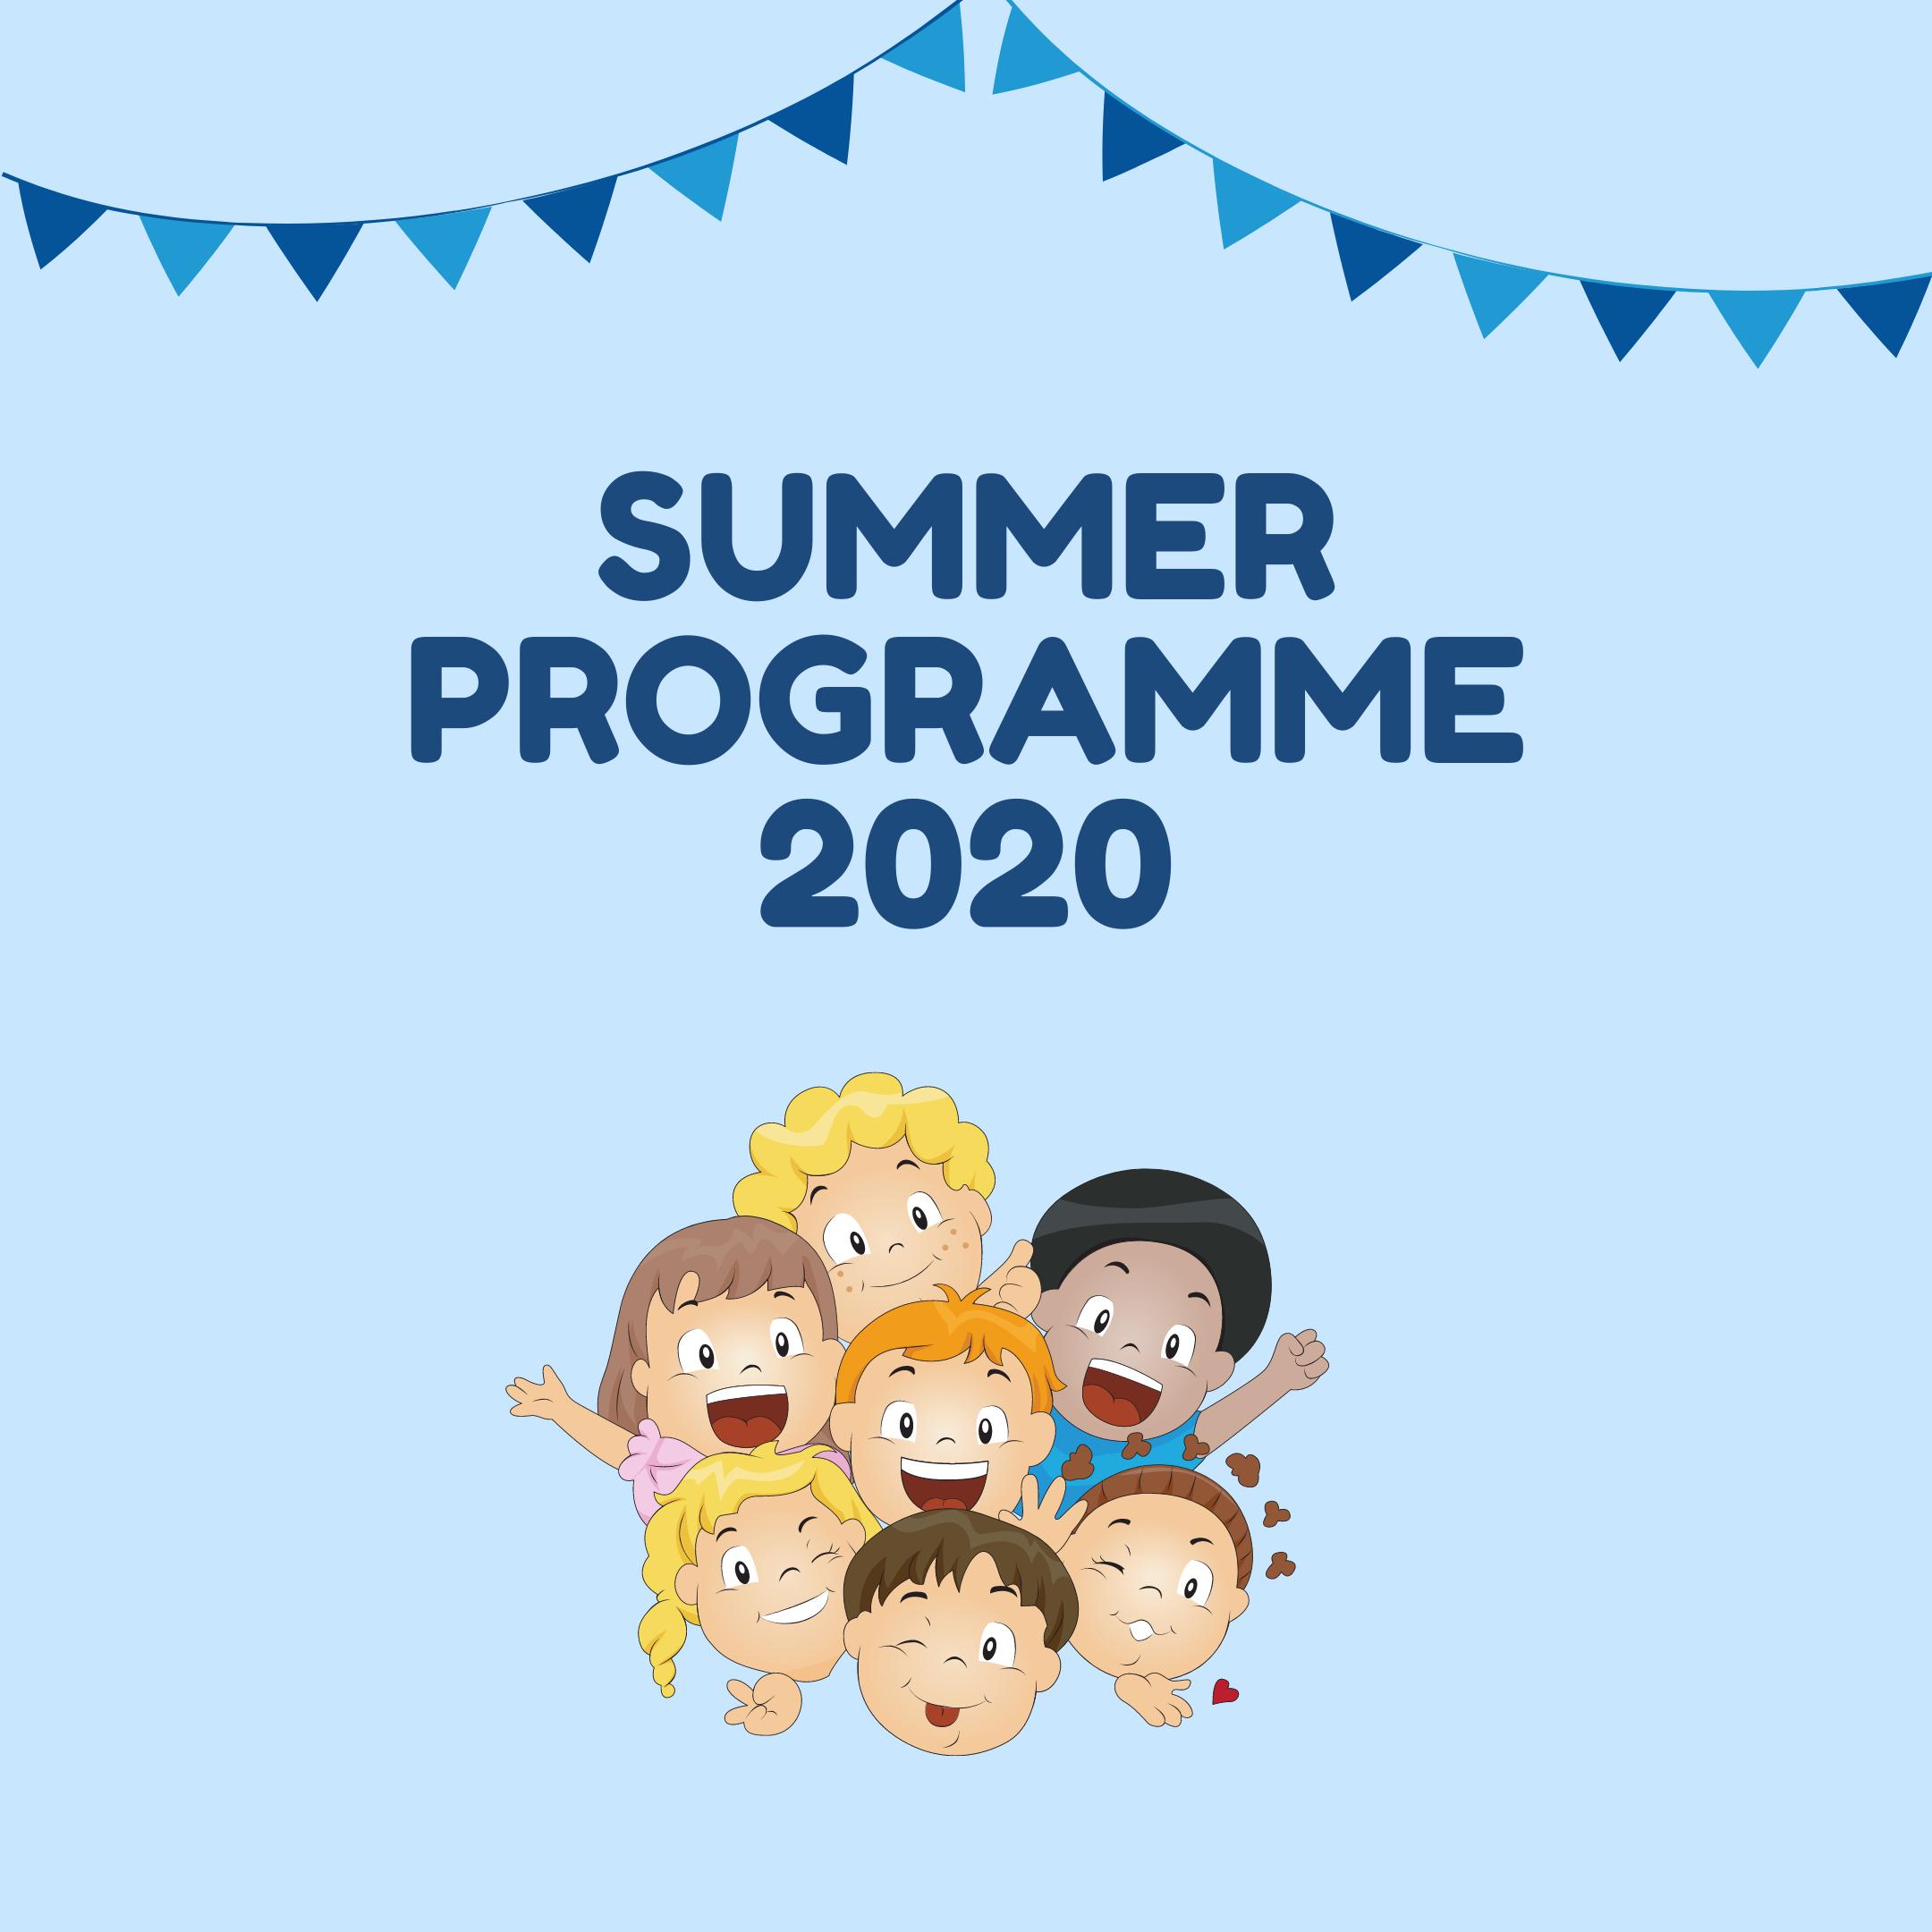 Summer Programme 2020